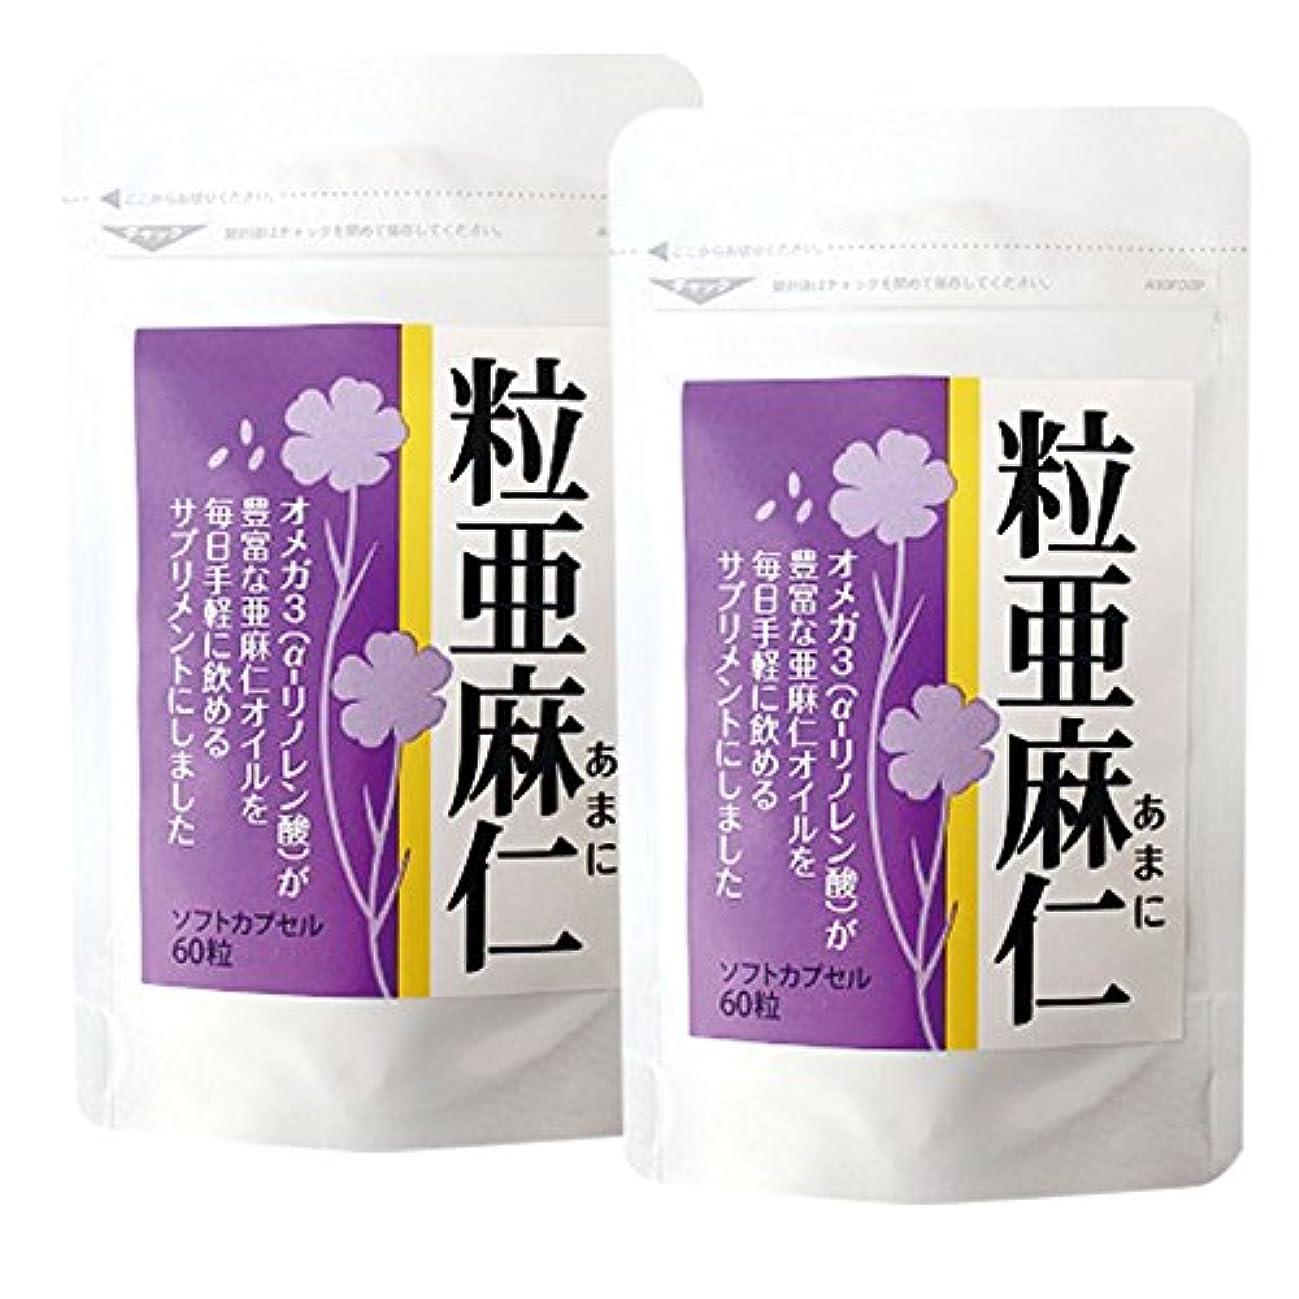 平和的何よりも何よりも粒亜麻仁(60粒)×2袋セット